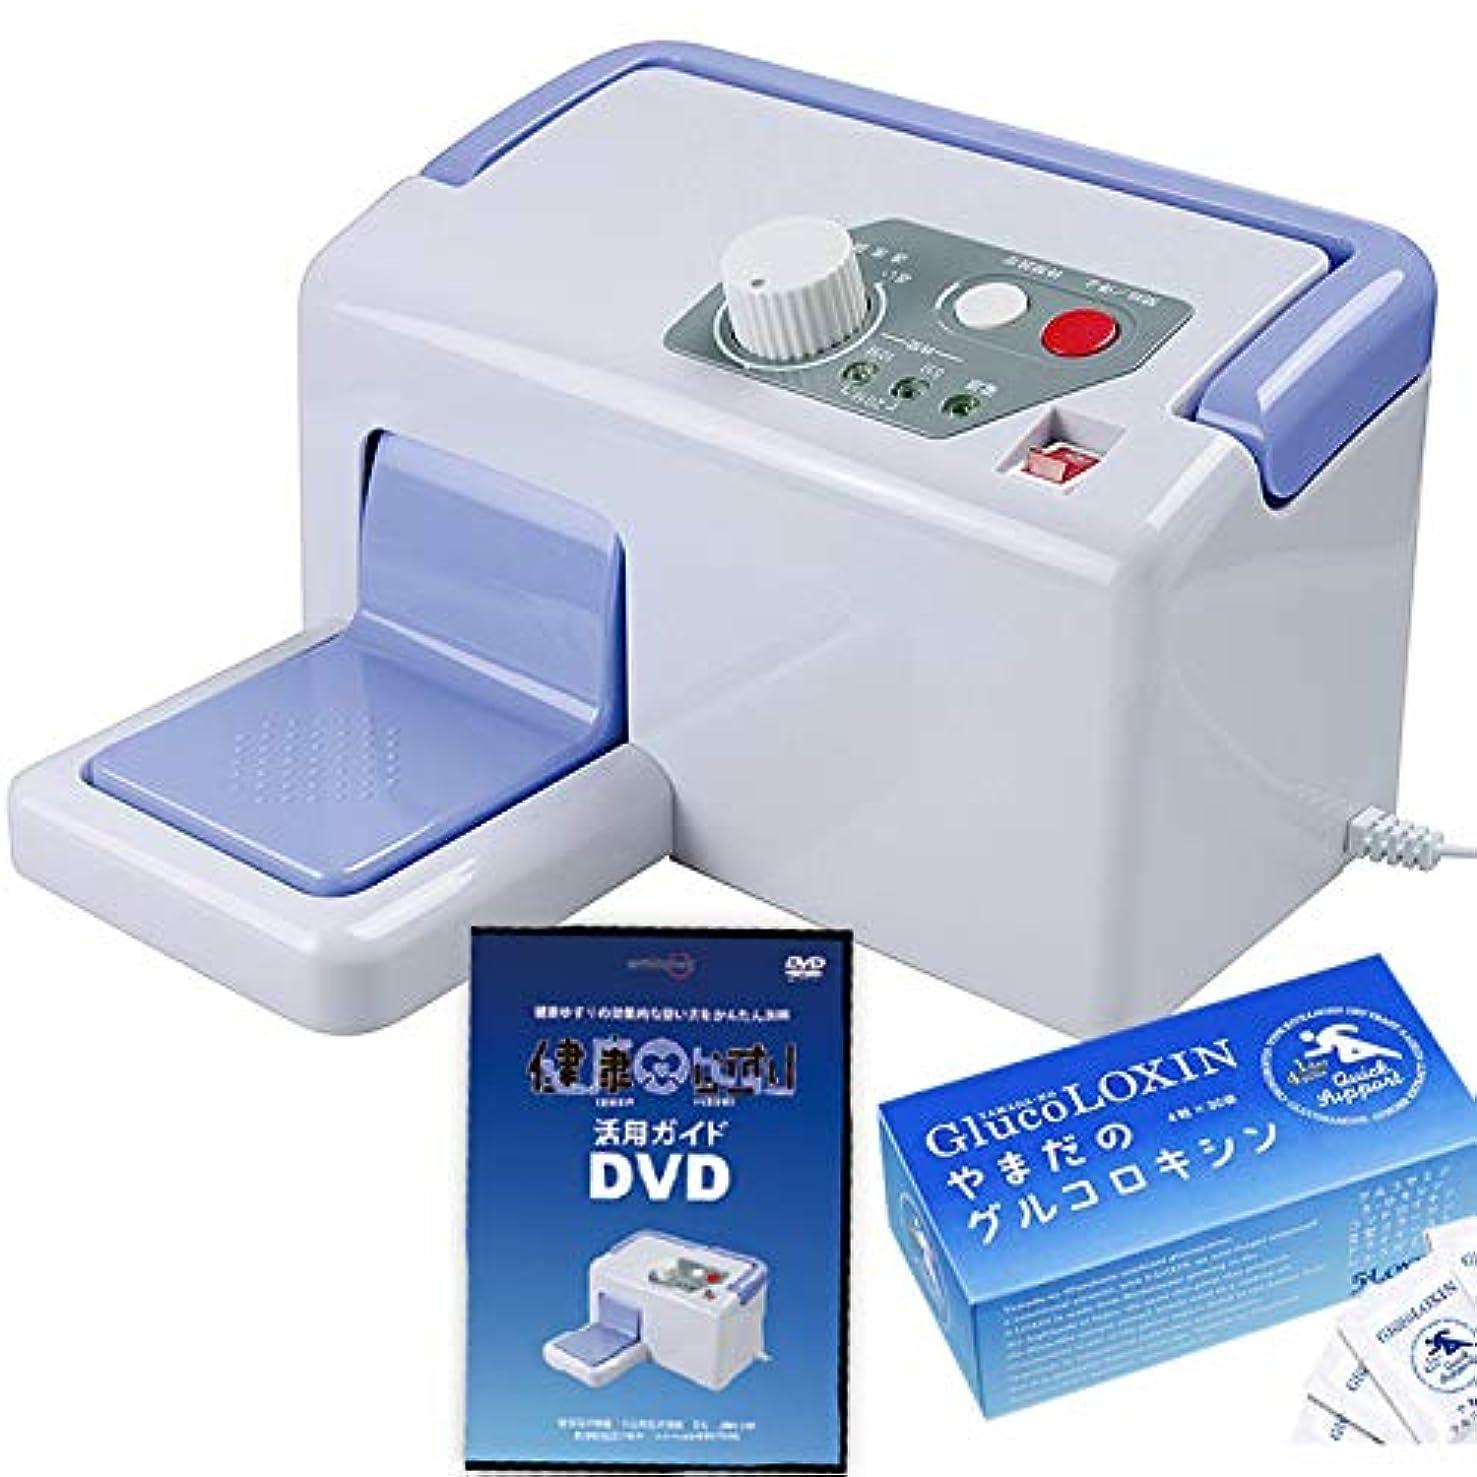 椅子話をするセラー健康ゆすり JMH-100「活用ガイド」DVD特典付き グルコロキシン30包特典付き 1年間保証書 使用ガイド 5点セット